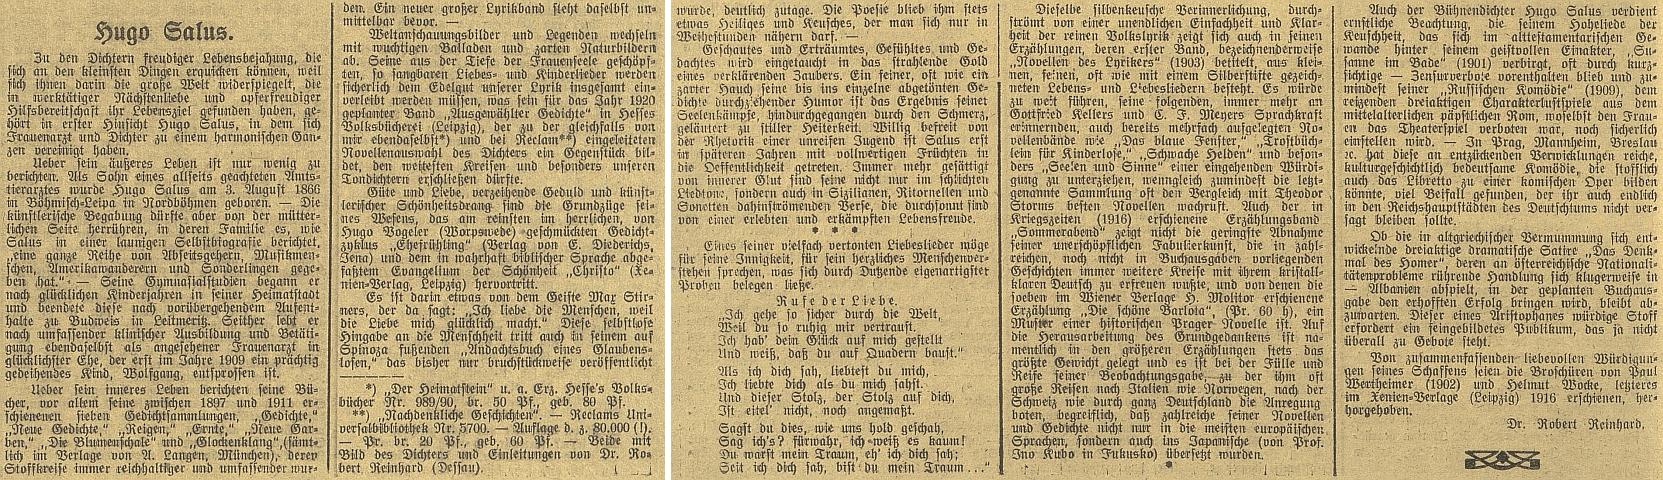 Jeho článek o Hugonu Salusovi na stránkách německého budějovického listu v roce 1920